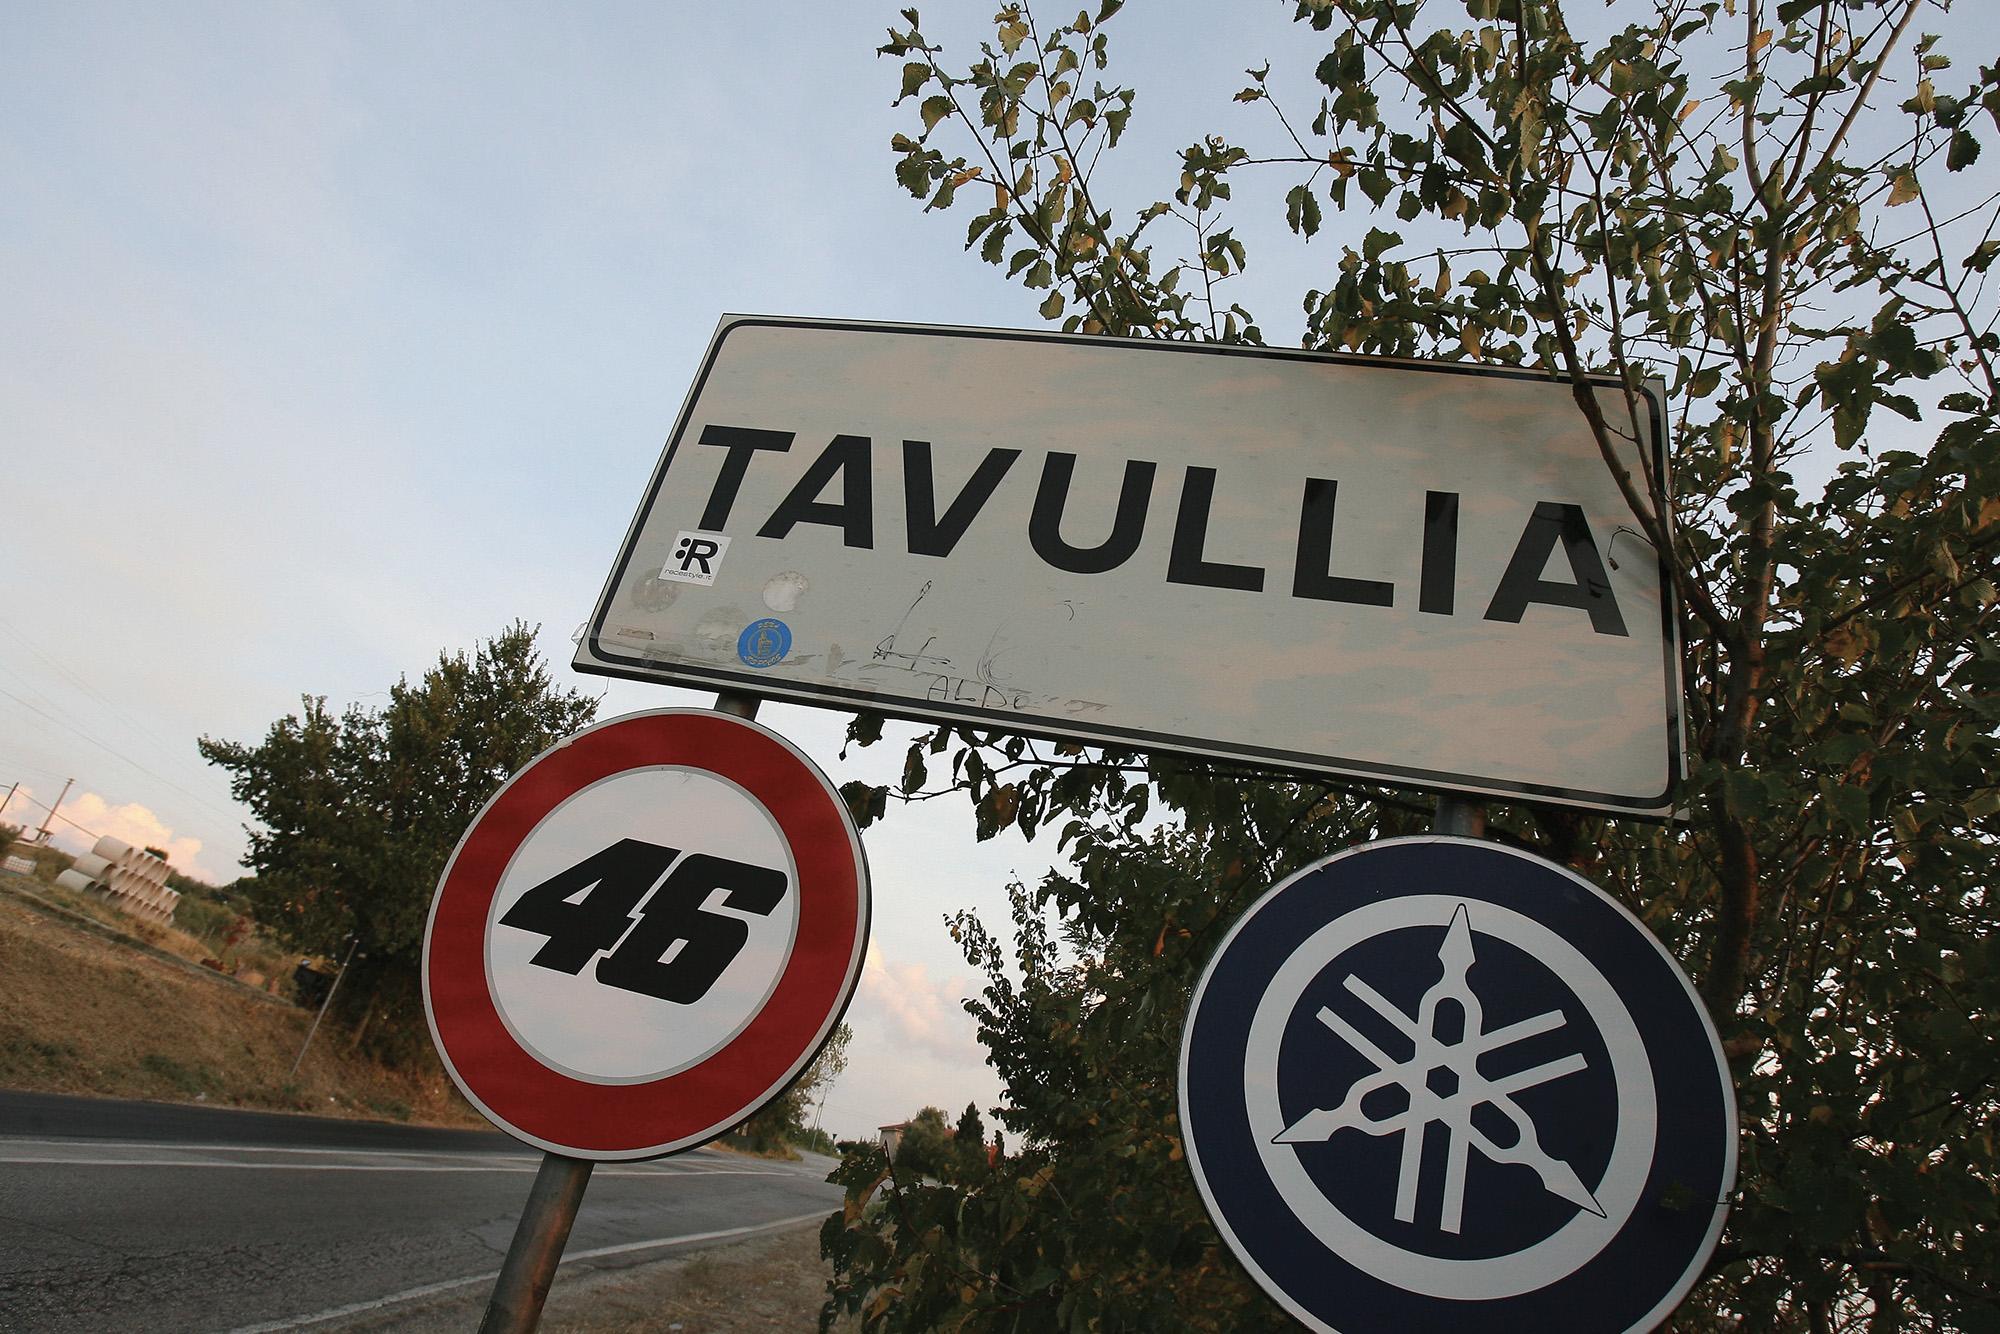 Tavullia sign